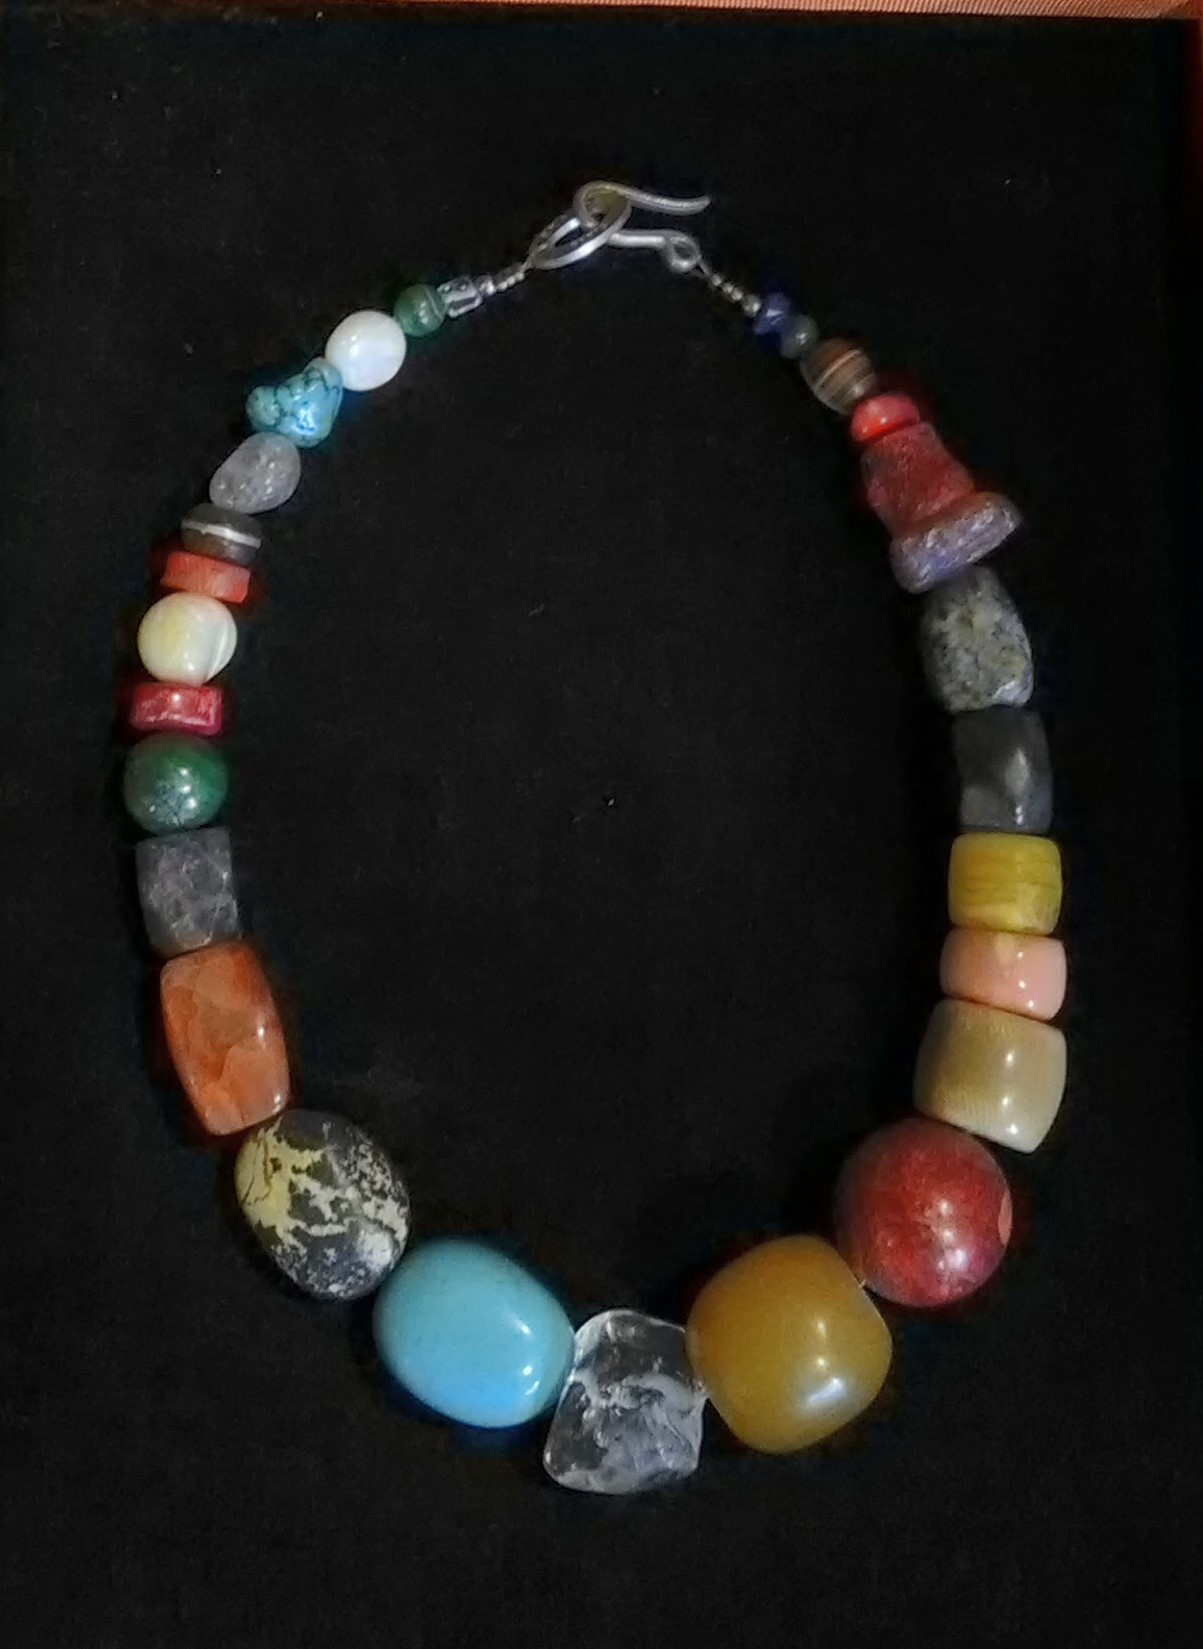 collier de pierres semi-précieuses